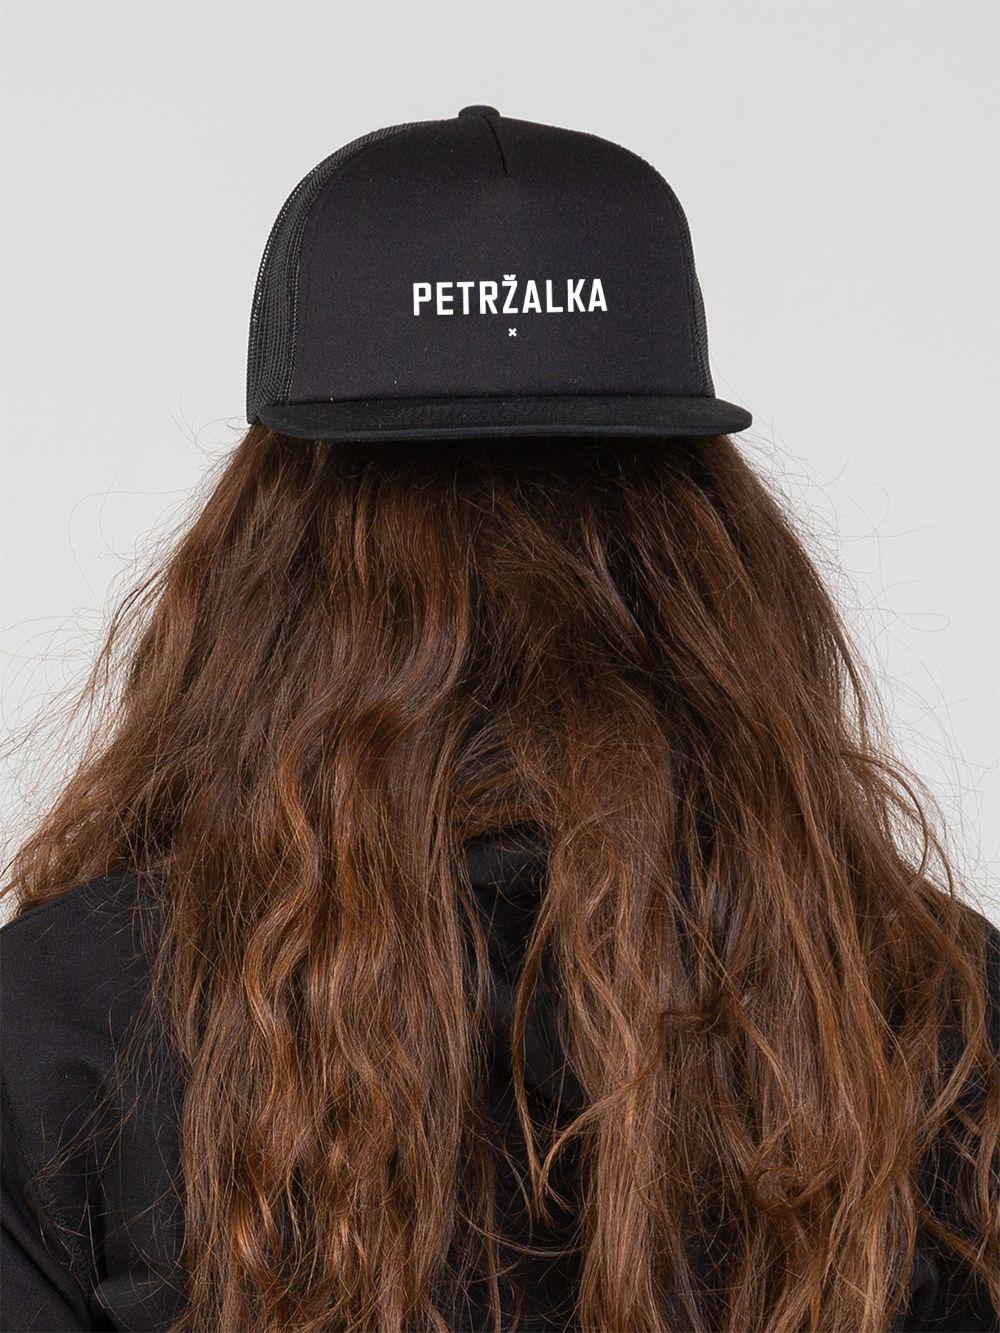 Petržalka Trucker